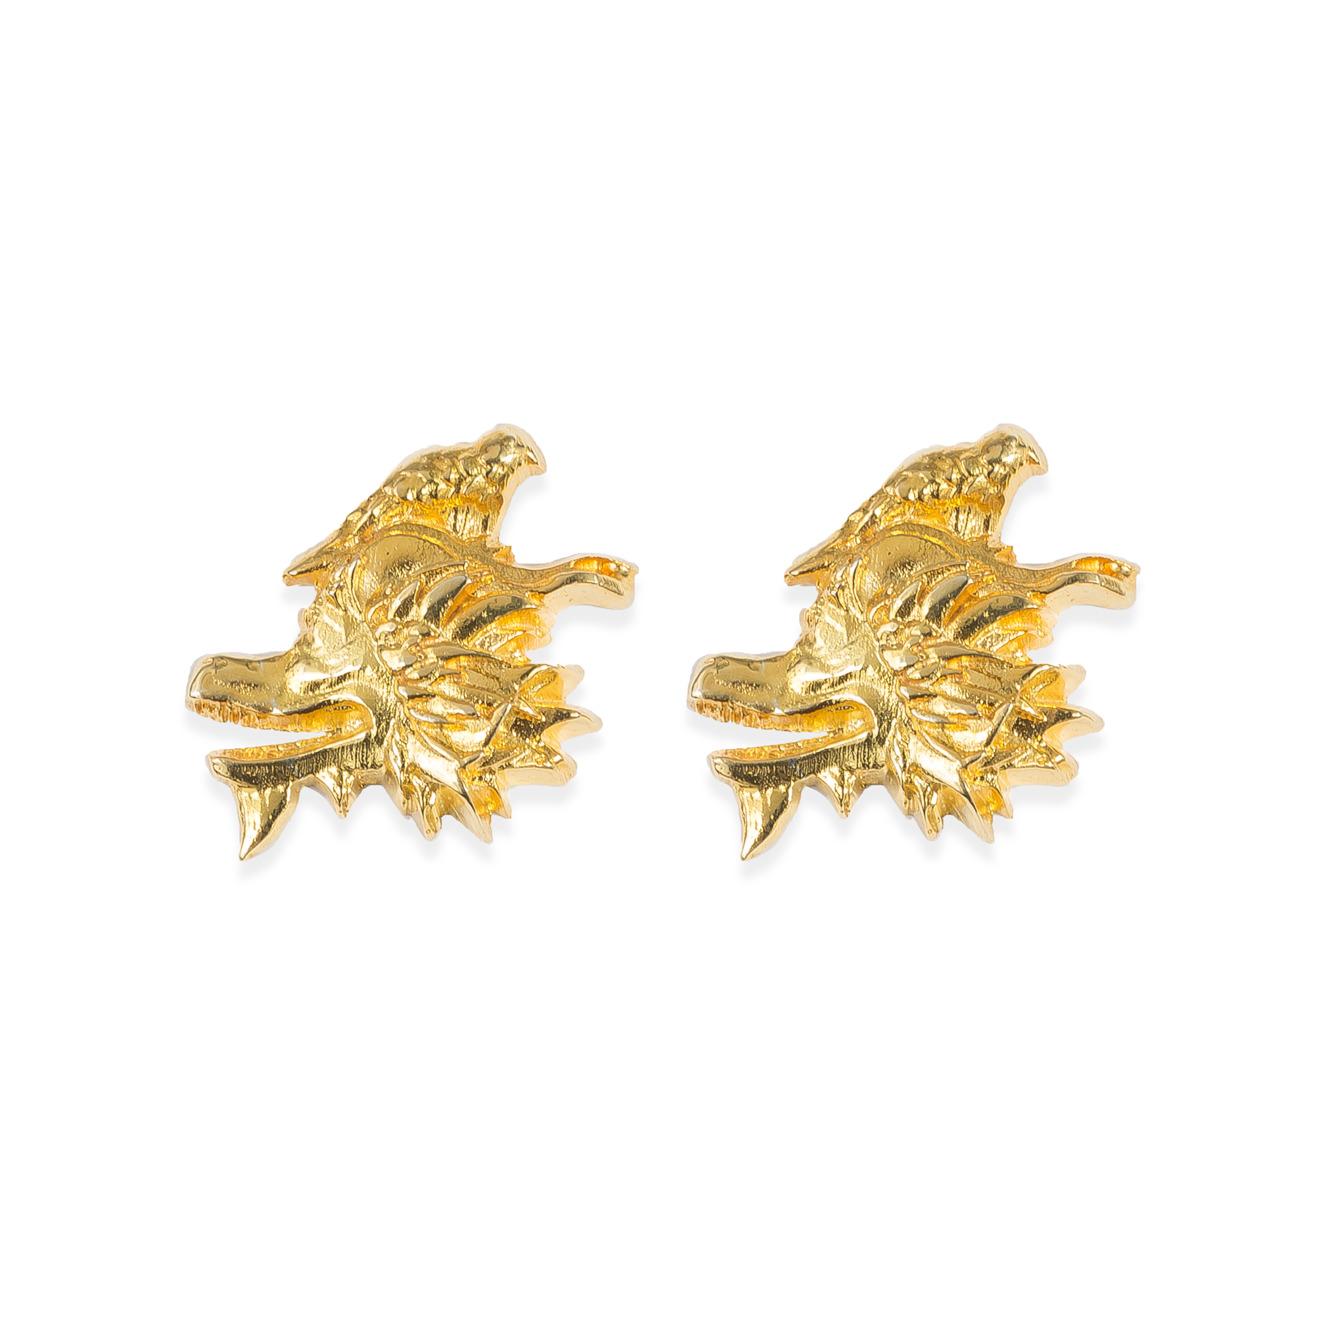 Natia x Lako Позолоченные серьги-китайские драконы с птицей